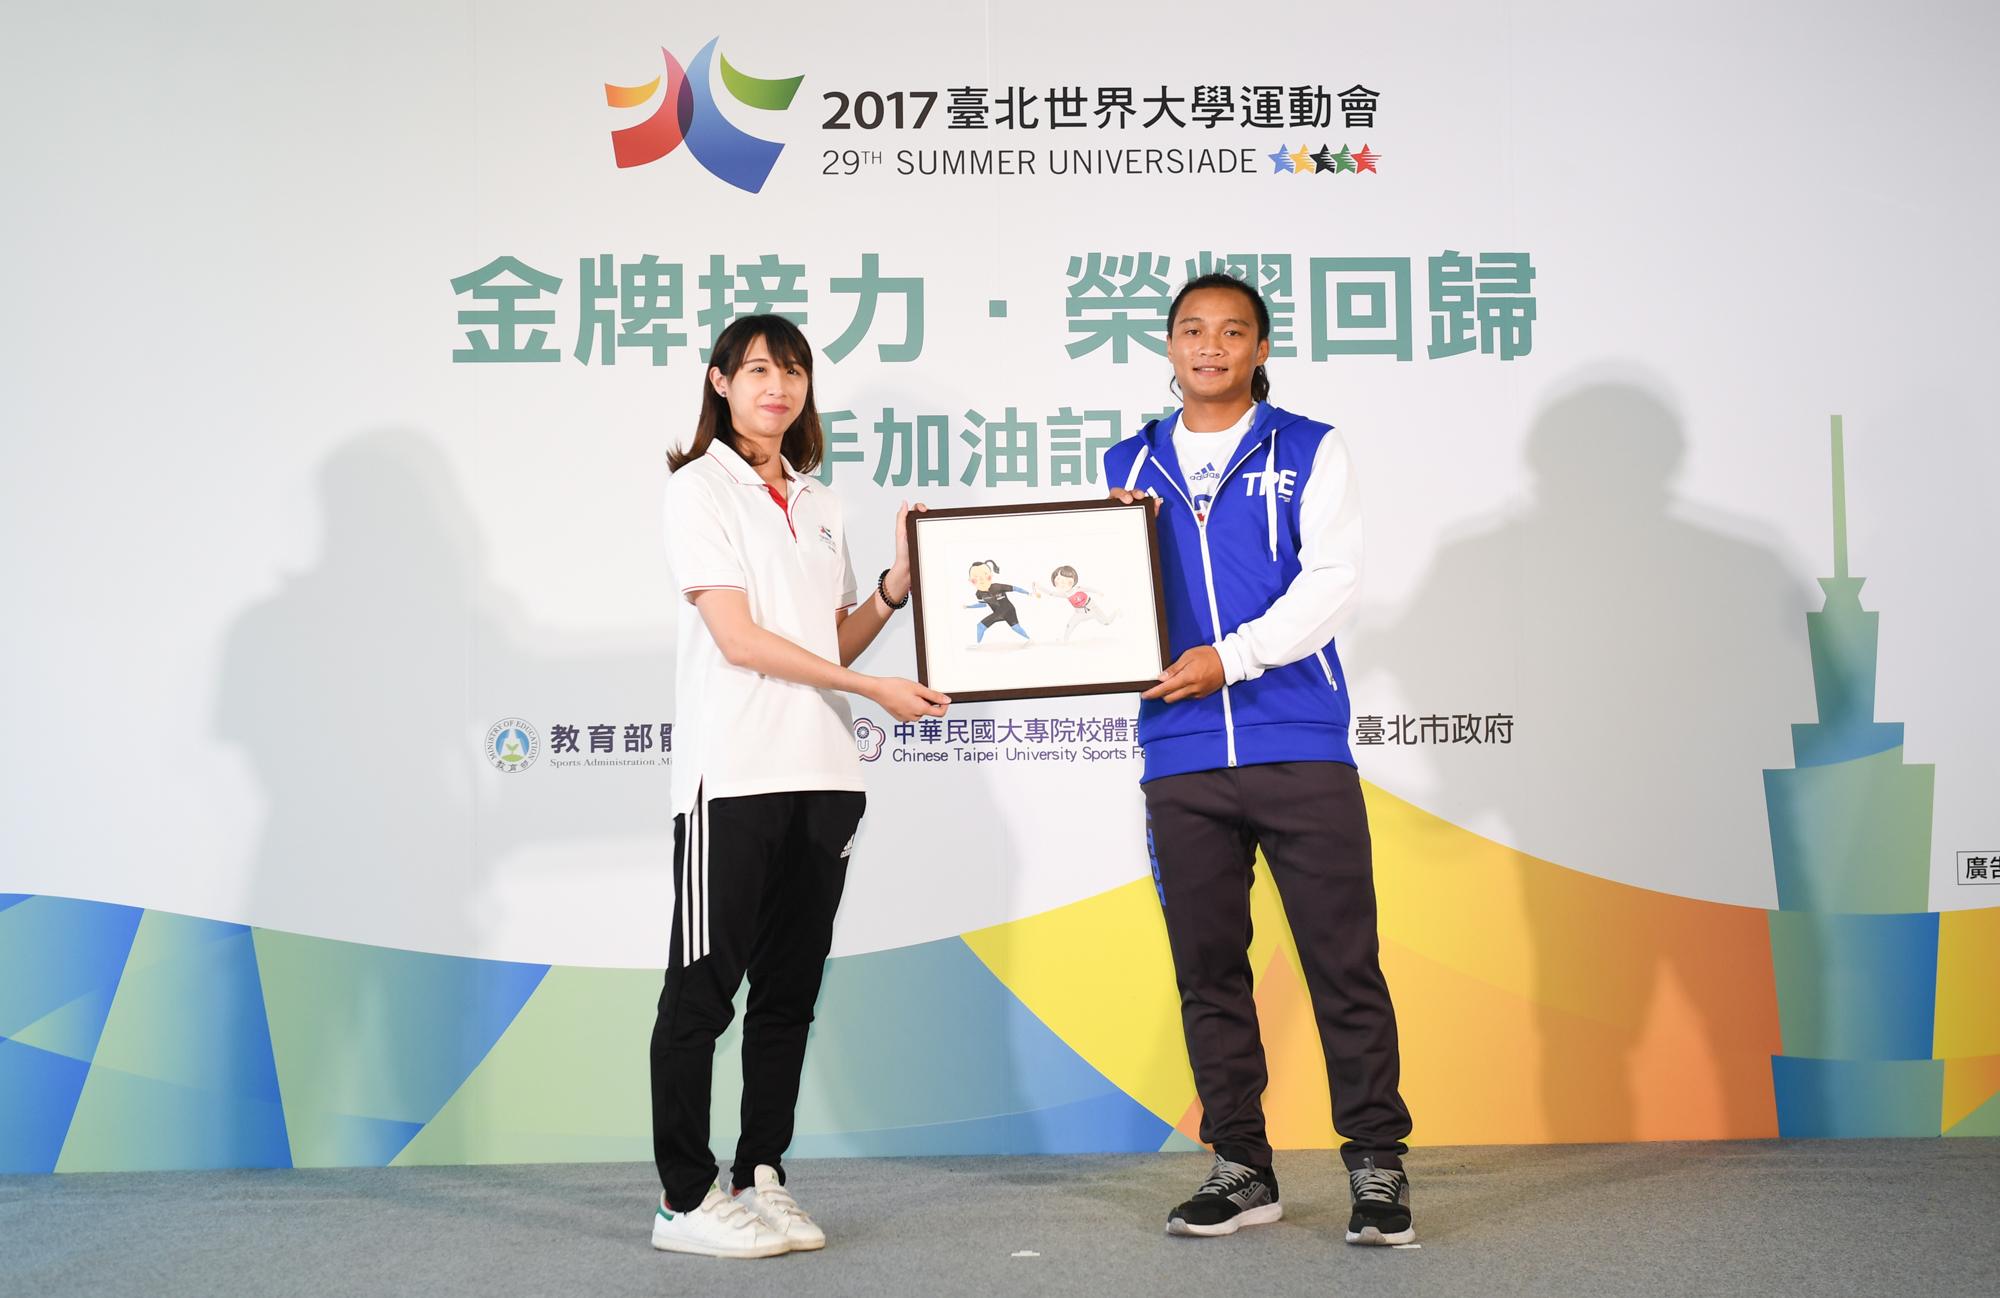 2015年光州世大運的女子跆拳道金牌楊琬婷(左)致贈插畫予本屆世大運滑輪溜冰參賽選手